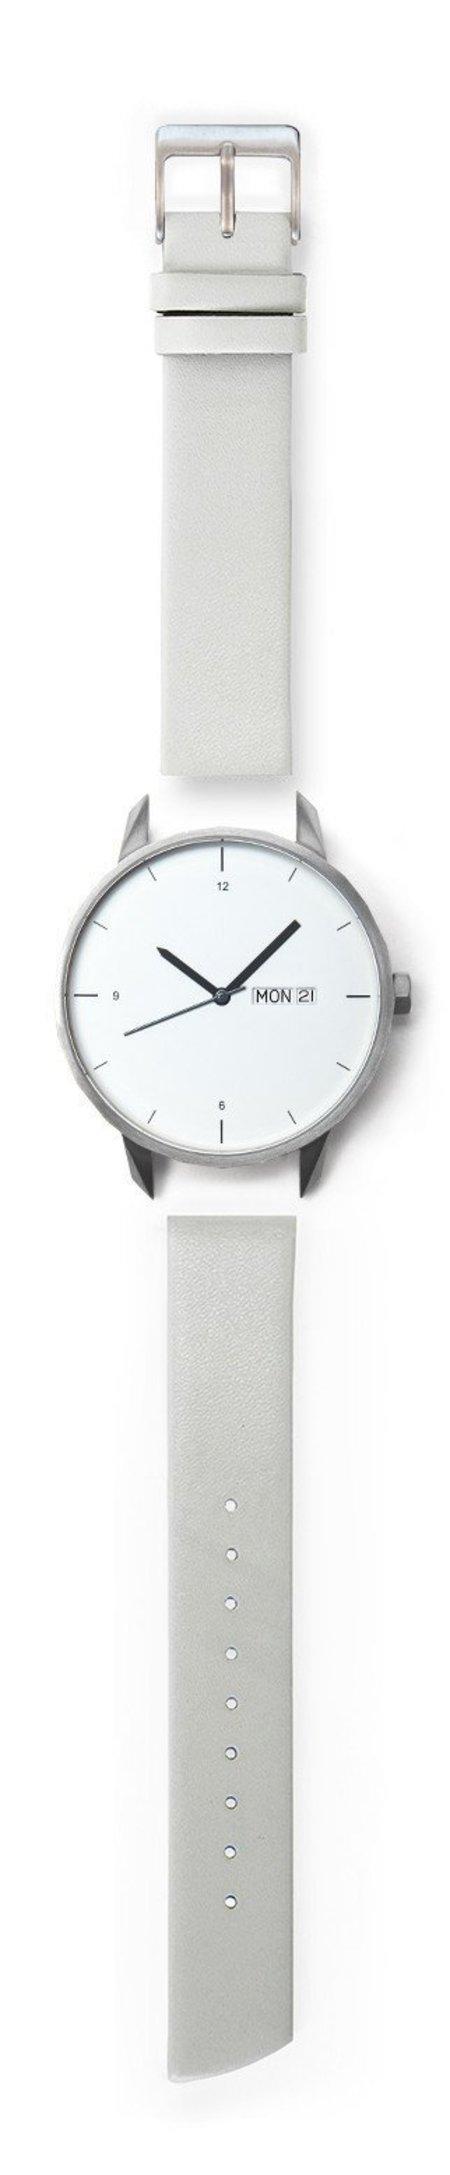 Unisex Tinker Watches Standard Strap 42mm Watch - Silver/Grey